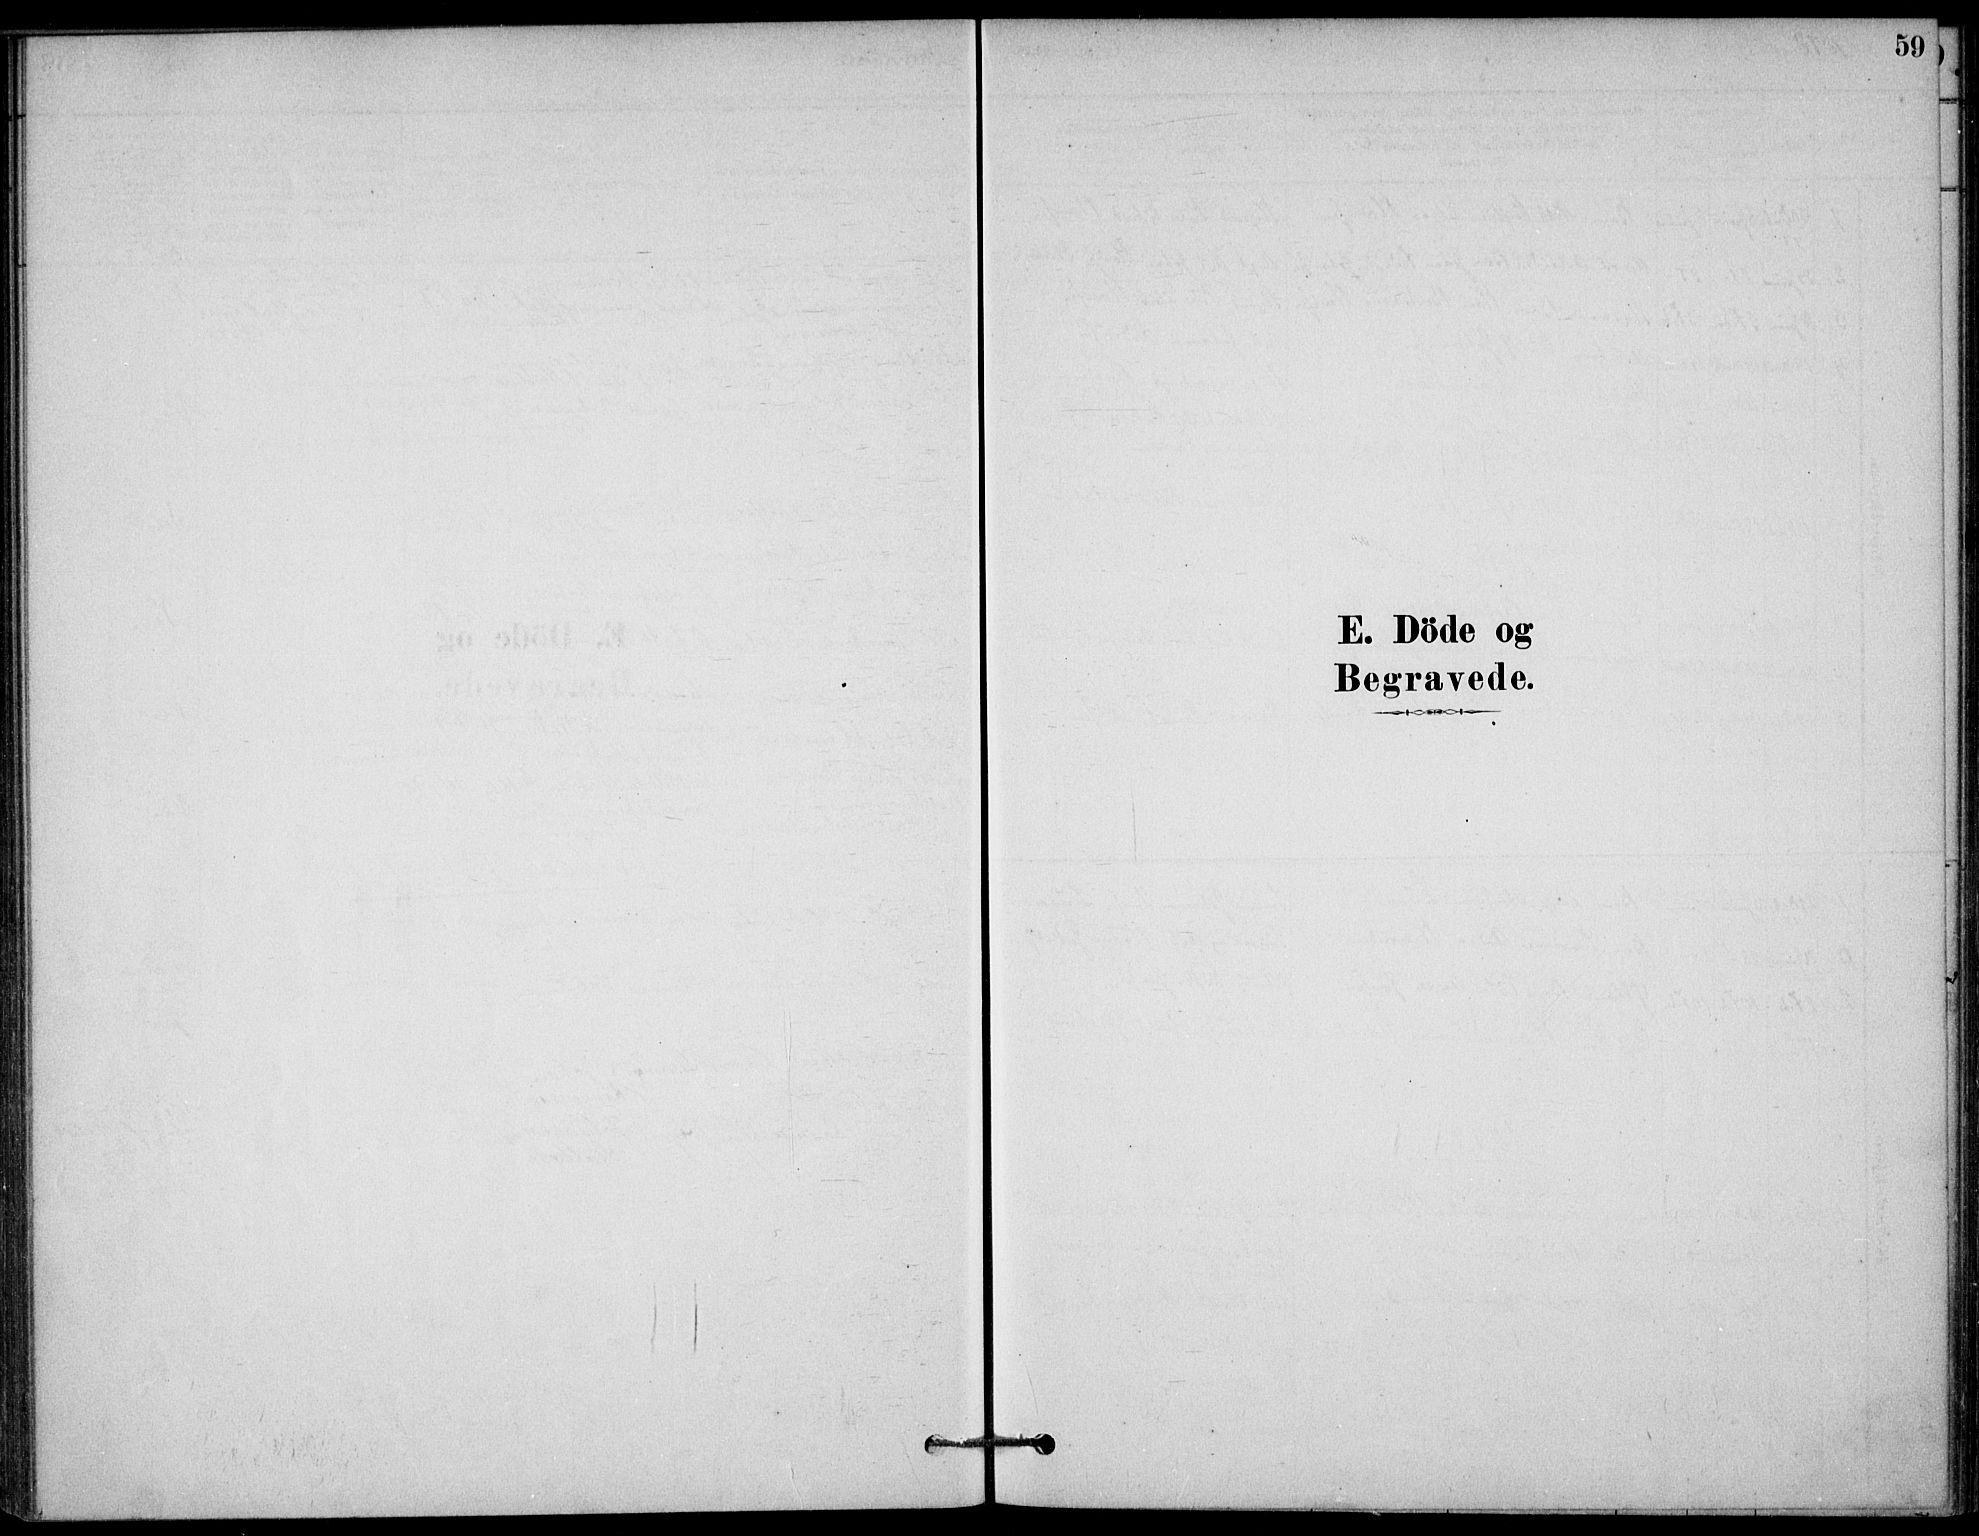 SAKO, Bamble kirkebøker, G/Gb/L0001: Klokkerbok nr. II 1, 1878-1900, s. 59